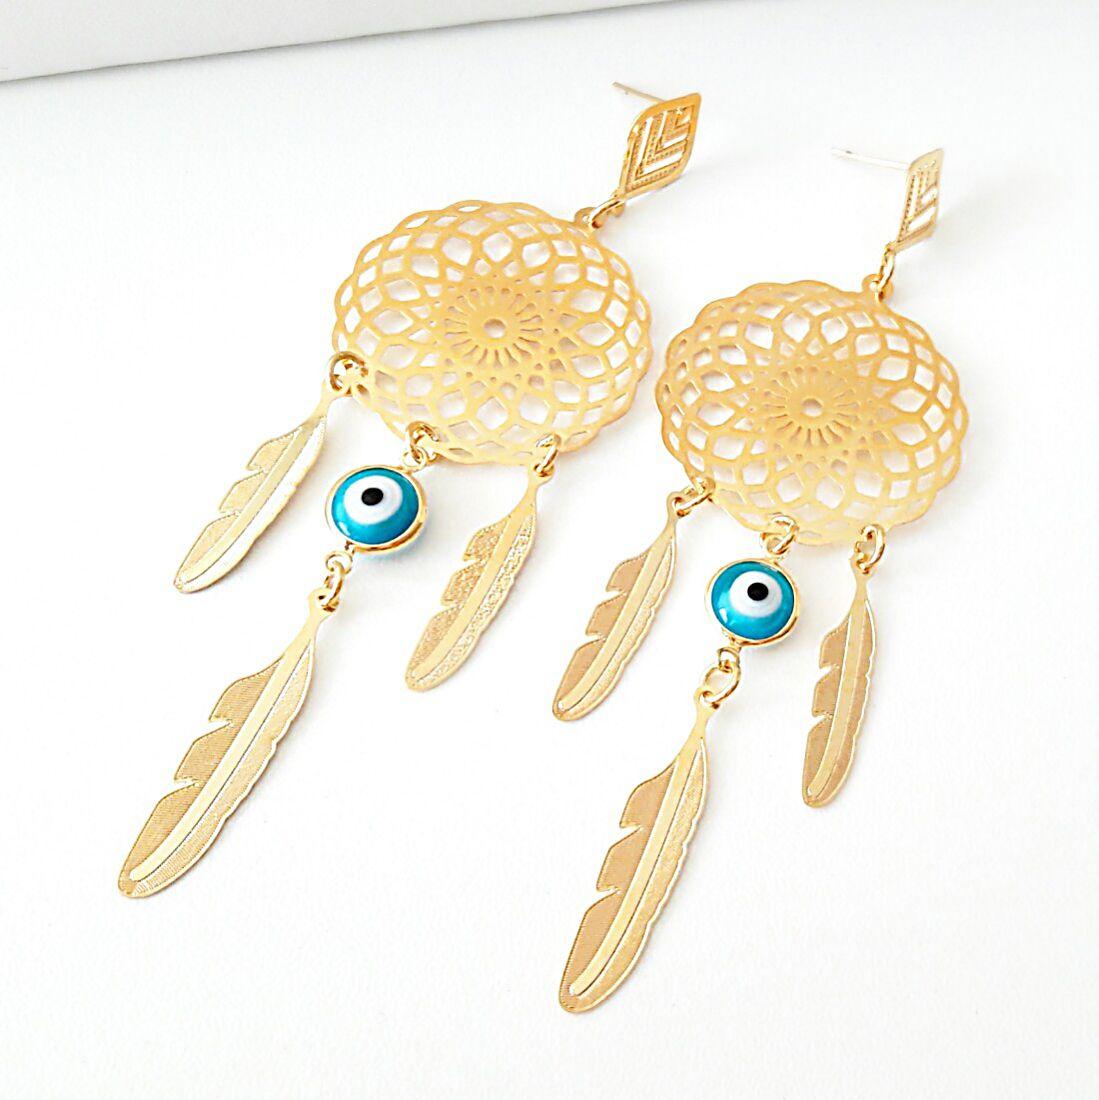 Brinco Filtro dos Sonhos com Olho Grego Azul em Ouro 18K  - Soloyou